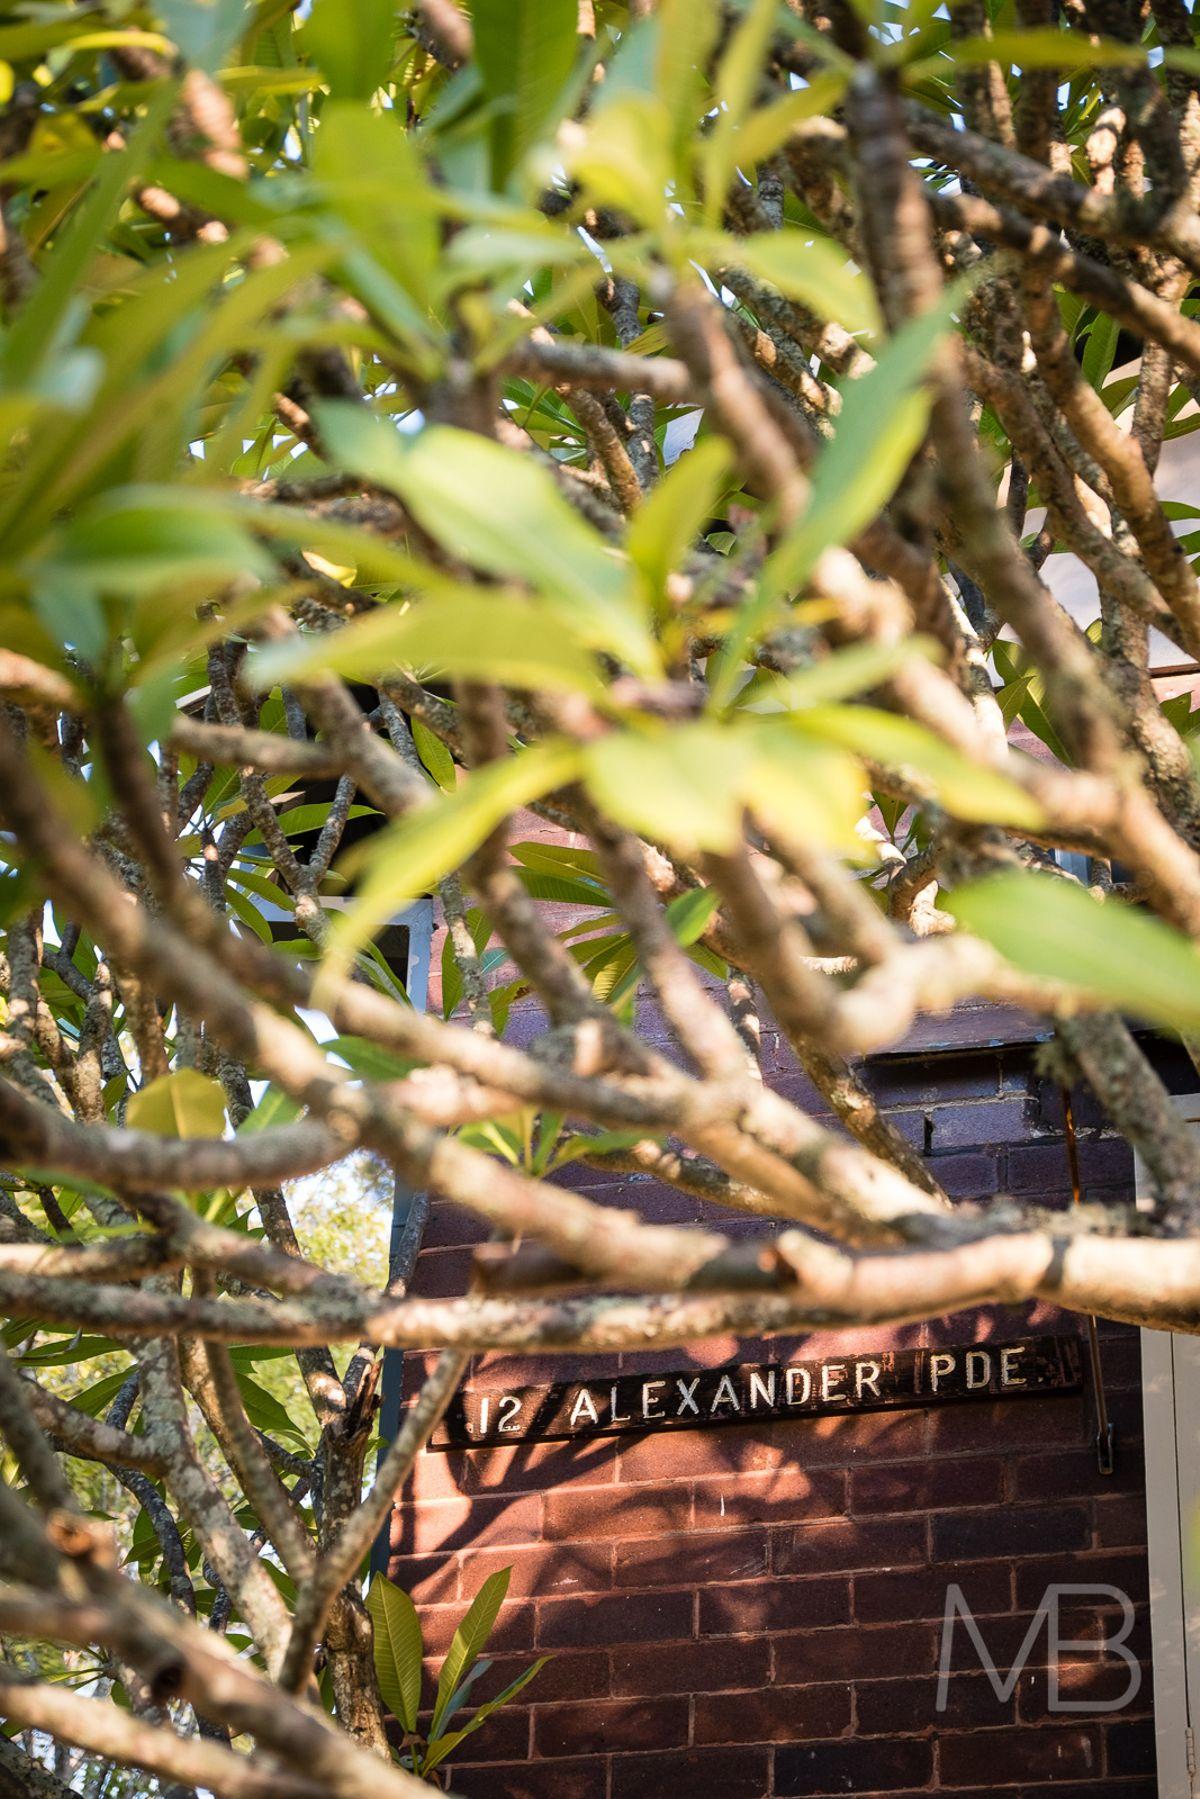 12 Alexander Parade